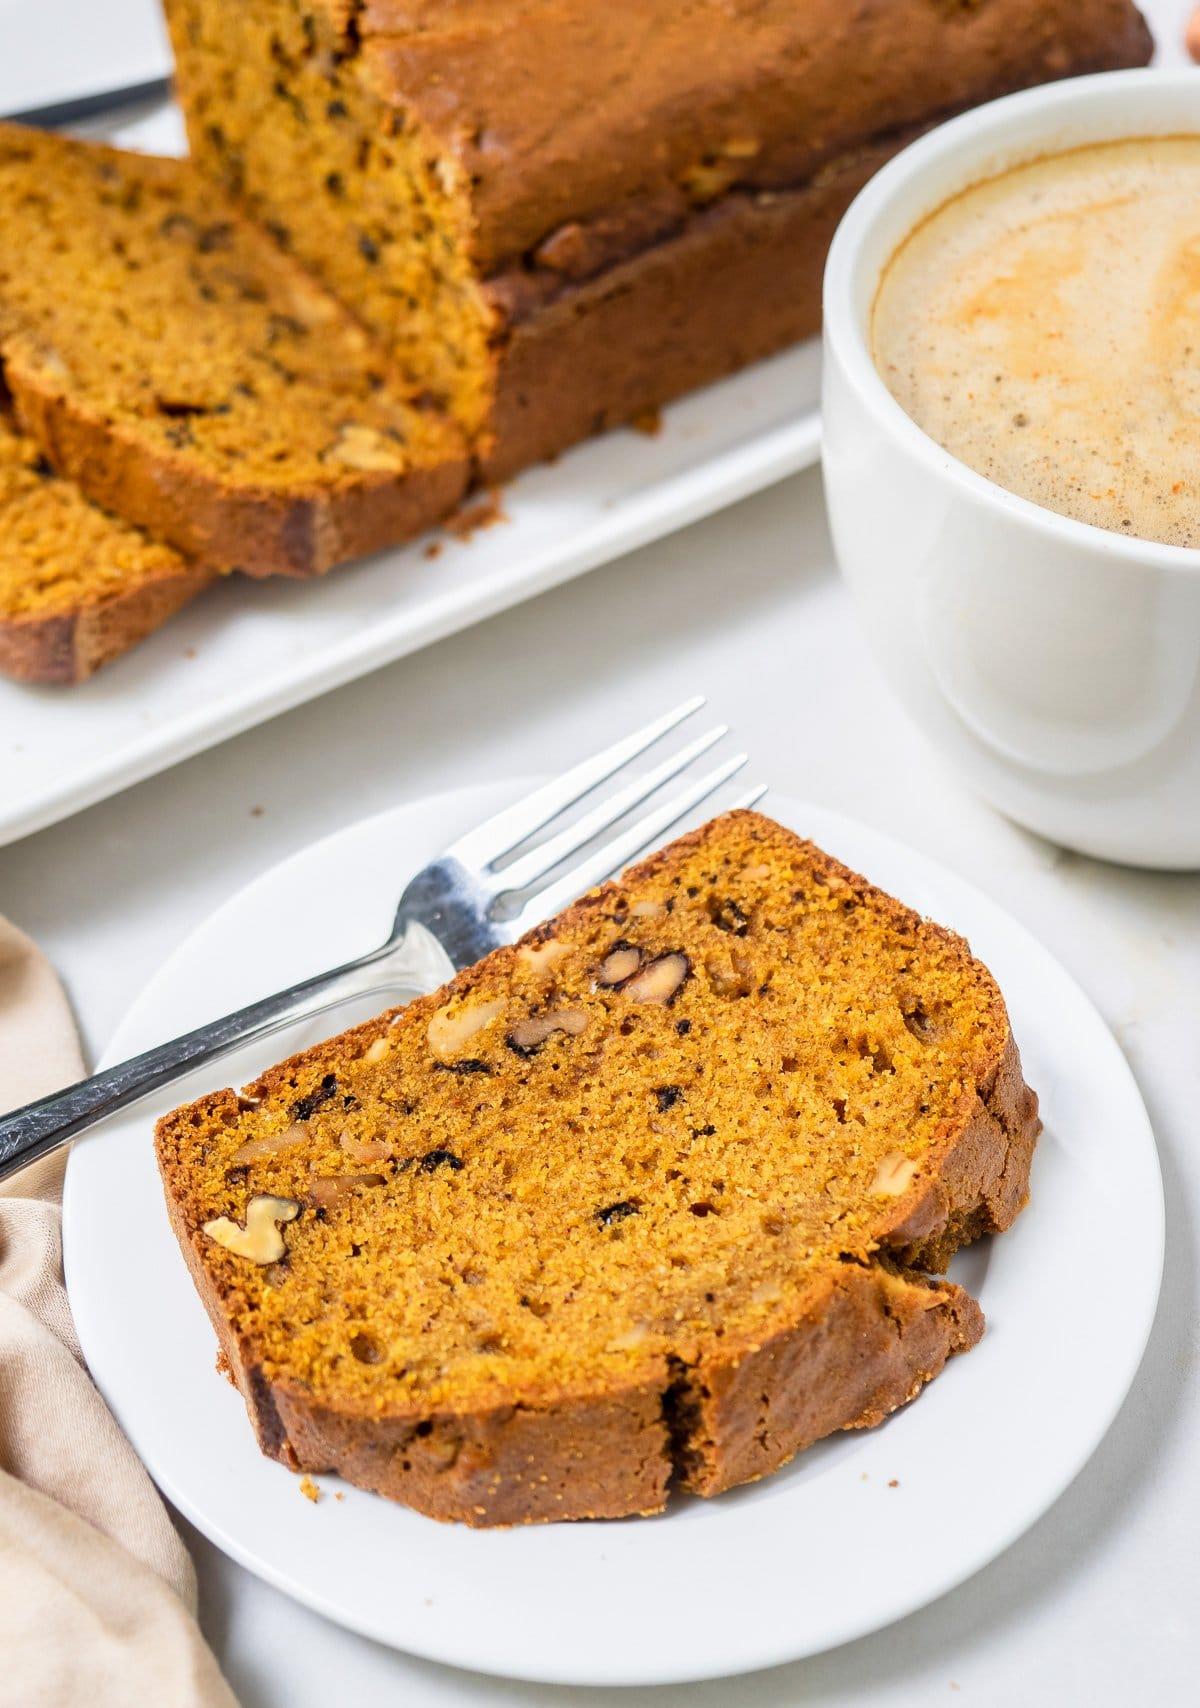 A slice of pumpkin bread on small white dish.